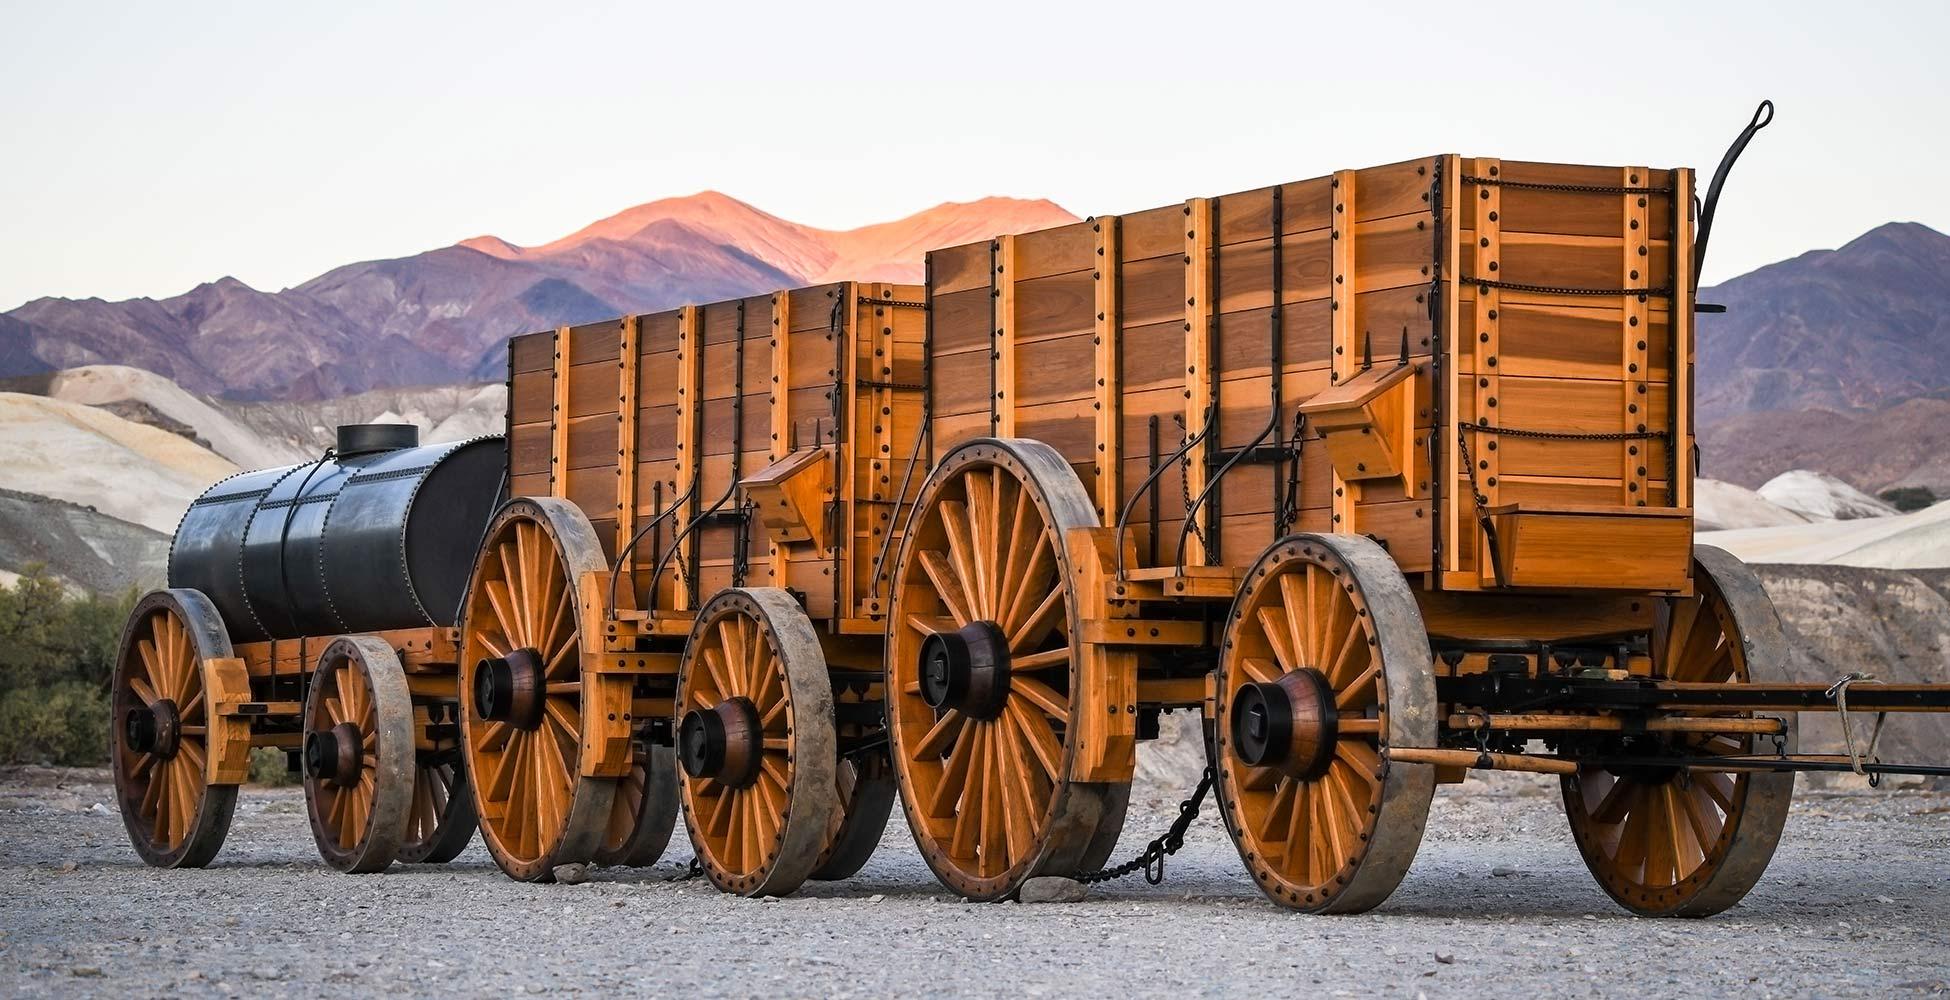 Borax wagon reproduction pano at sunset DVC